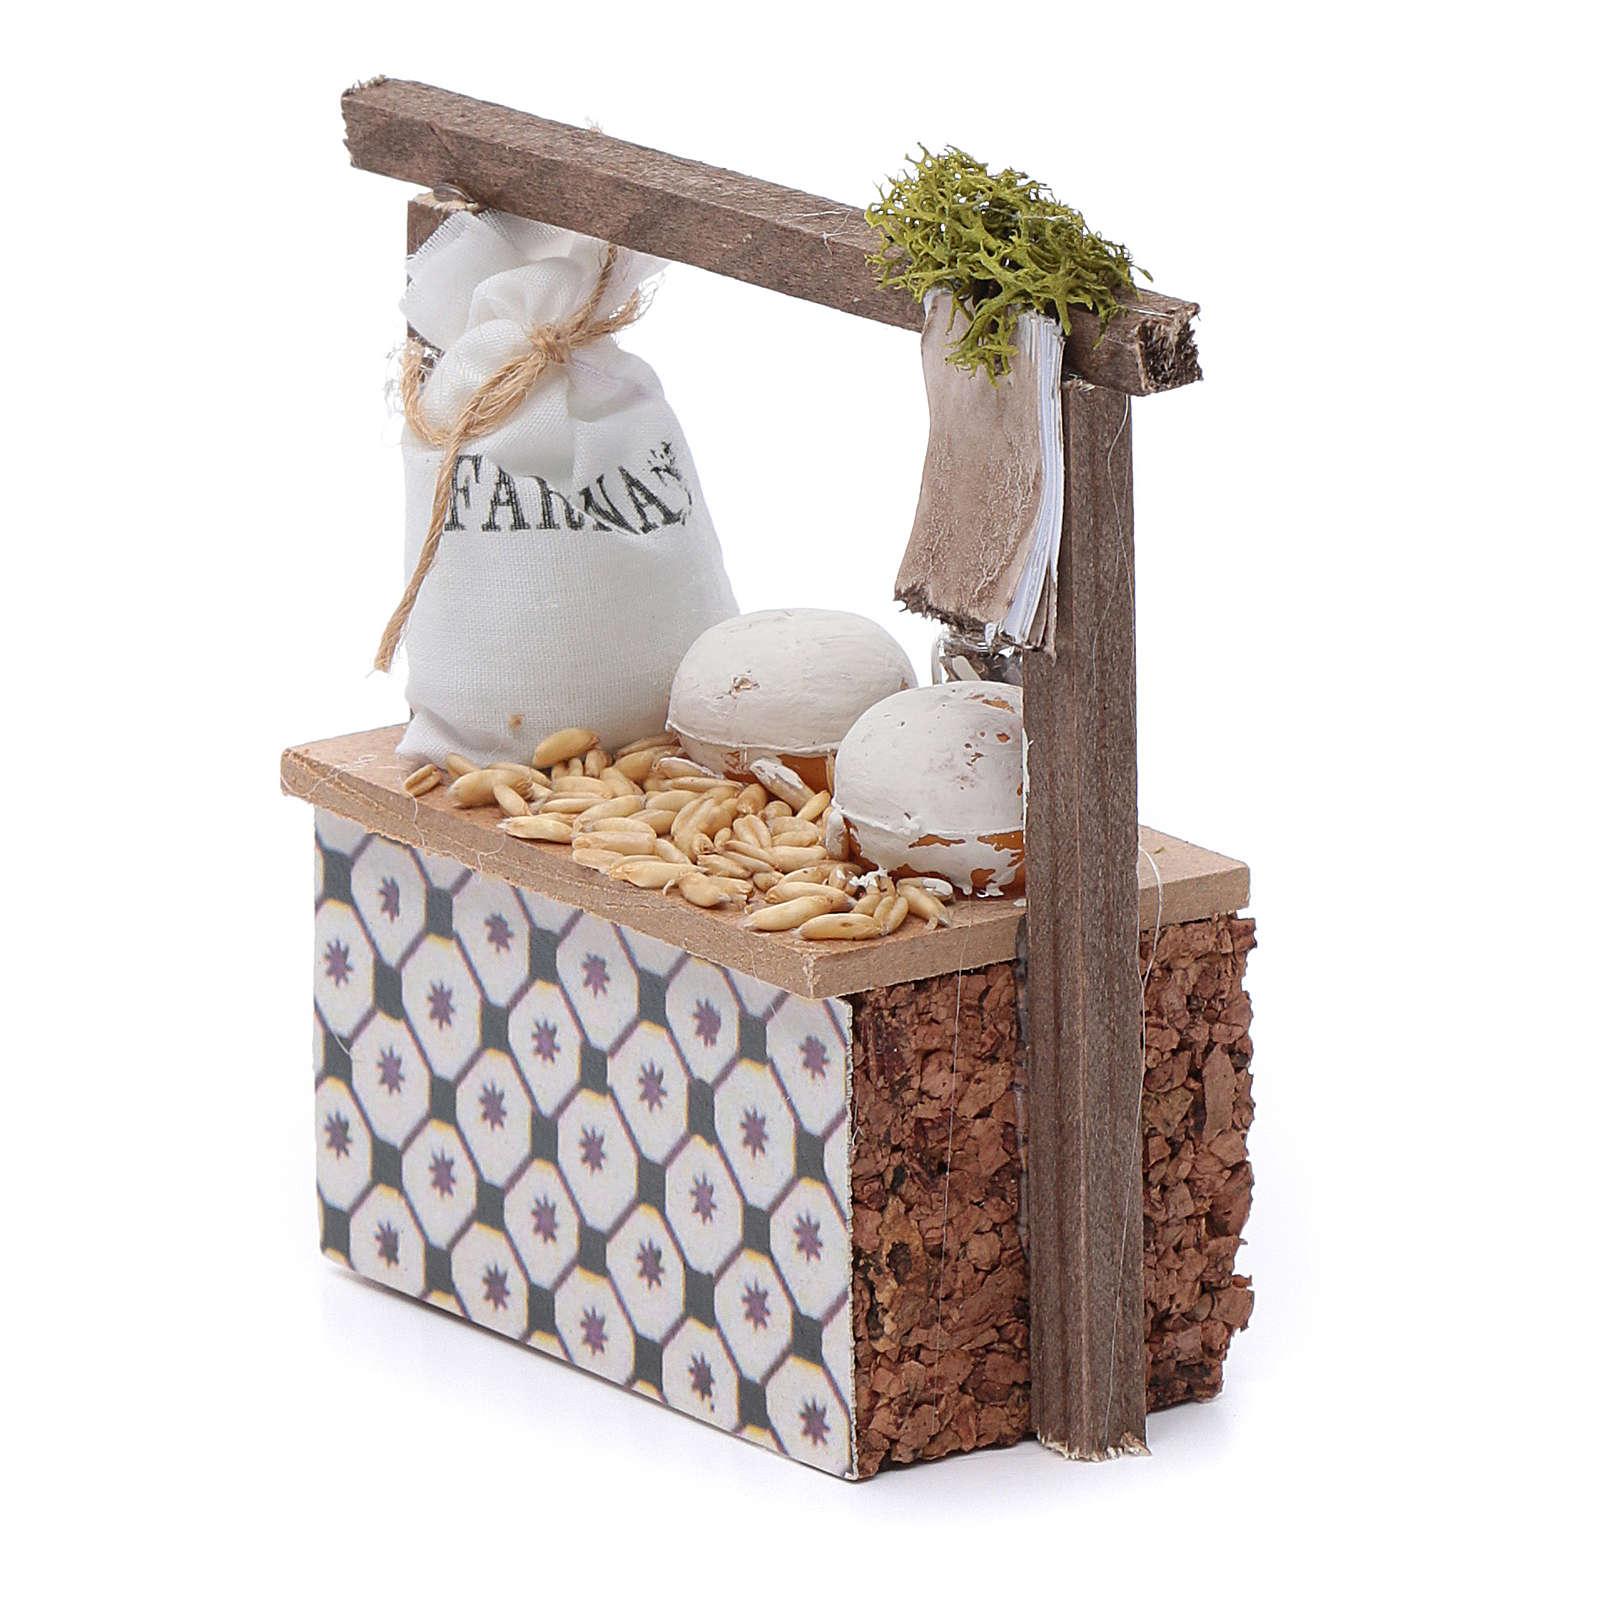 Banco farina e cereali per presepe 10x10x5 cm 4